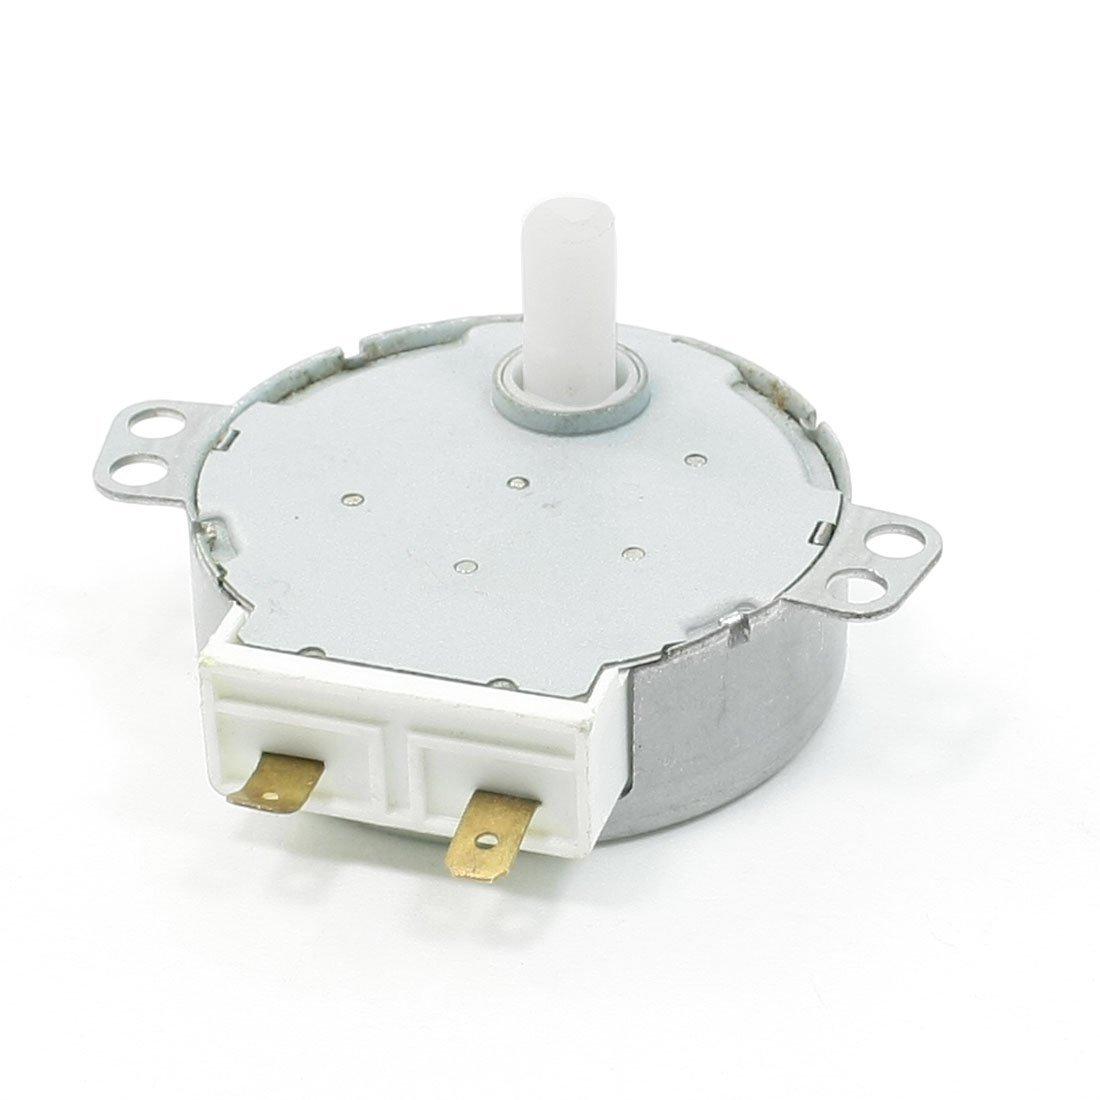 eDealMax motor síncrono - - Amazon.com